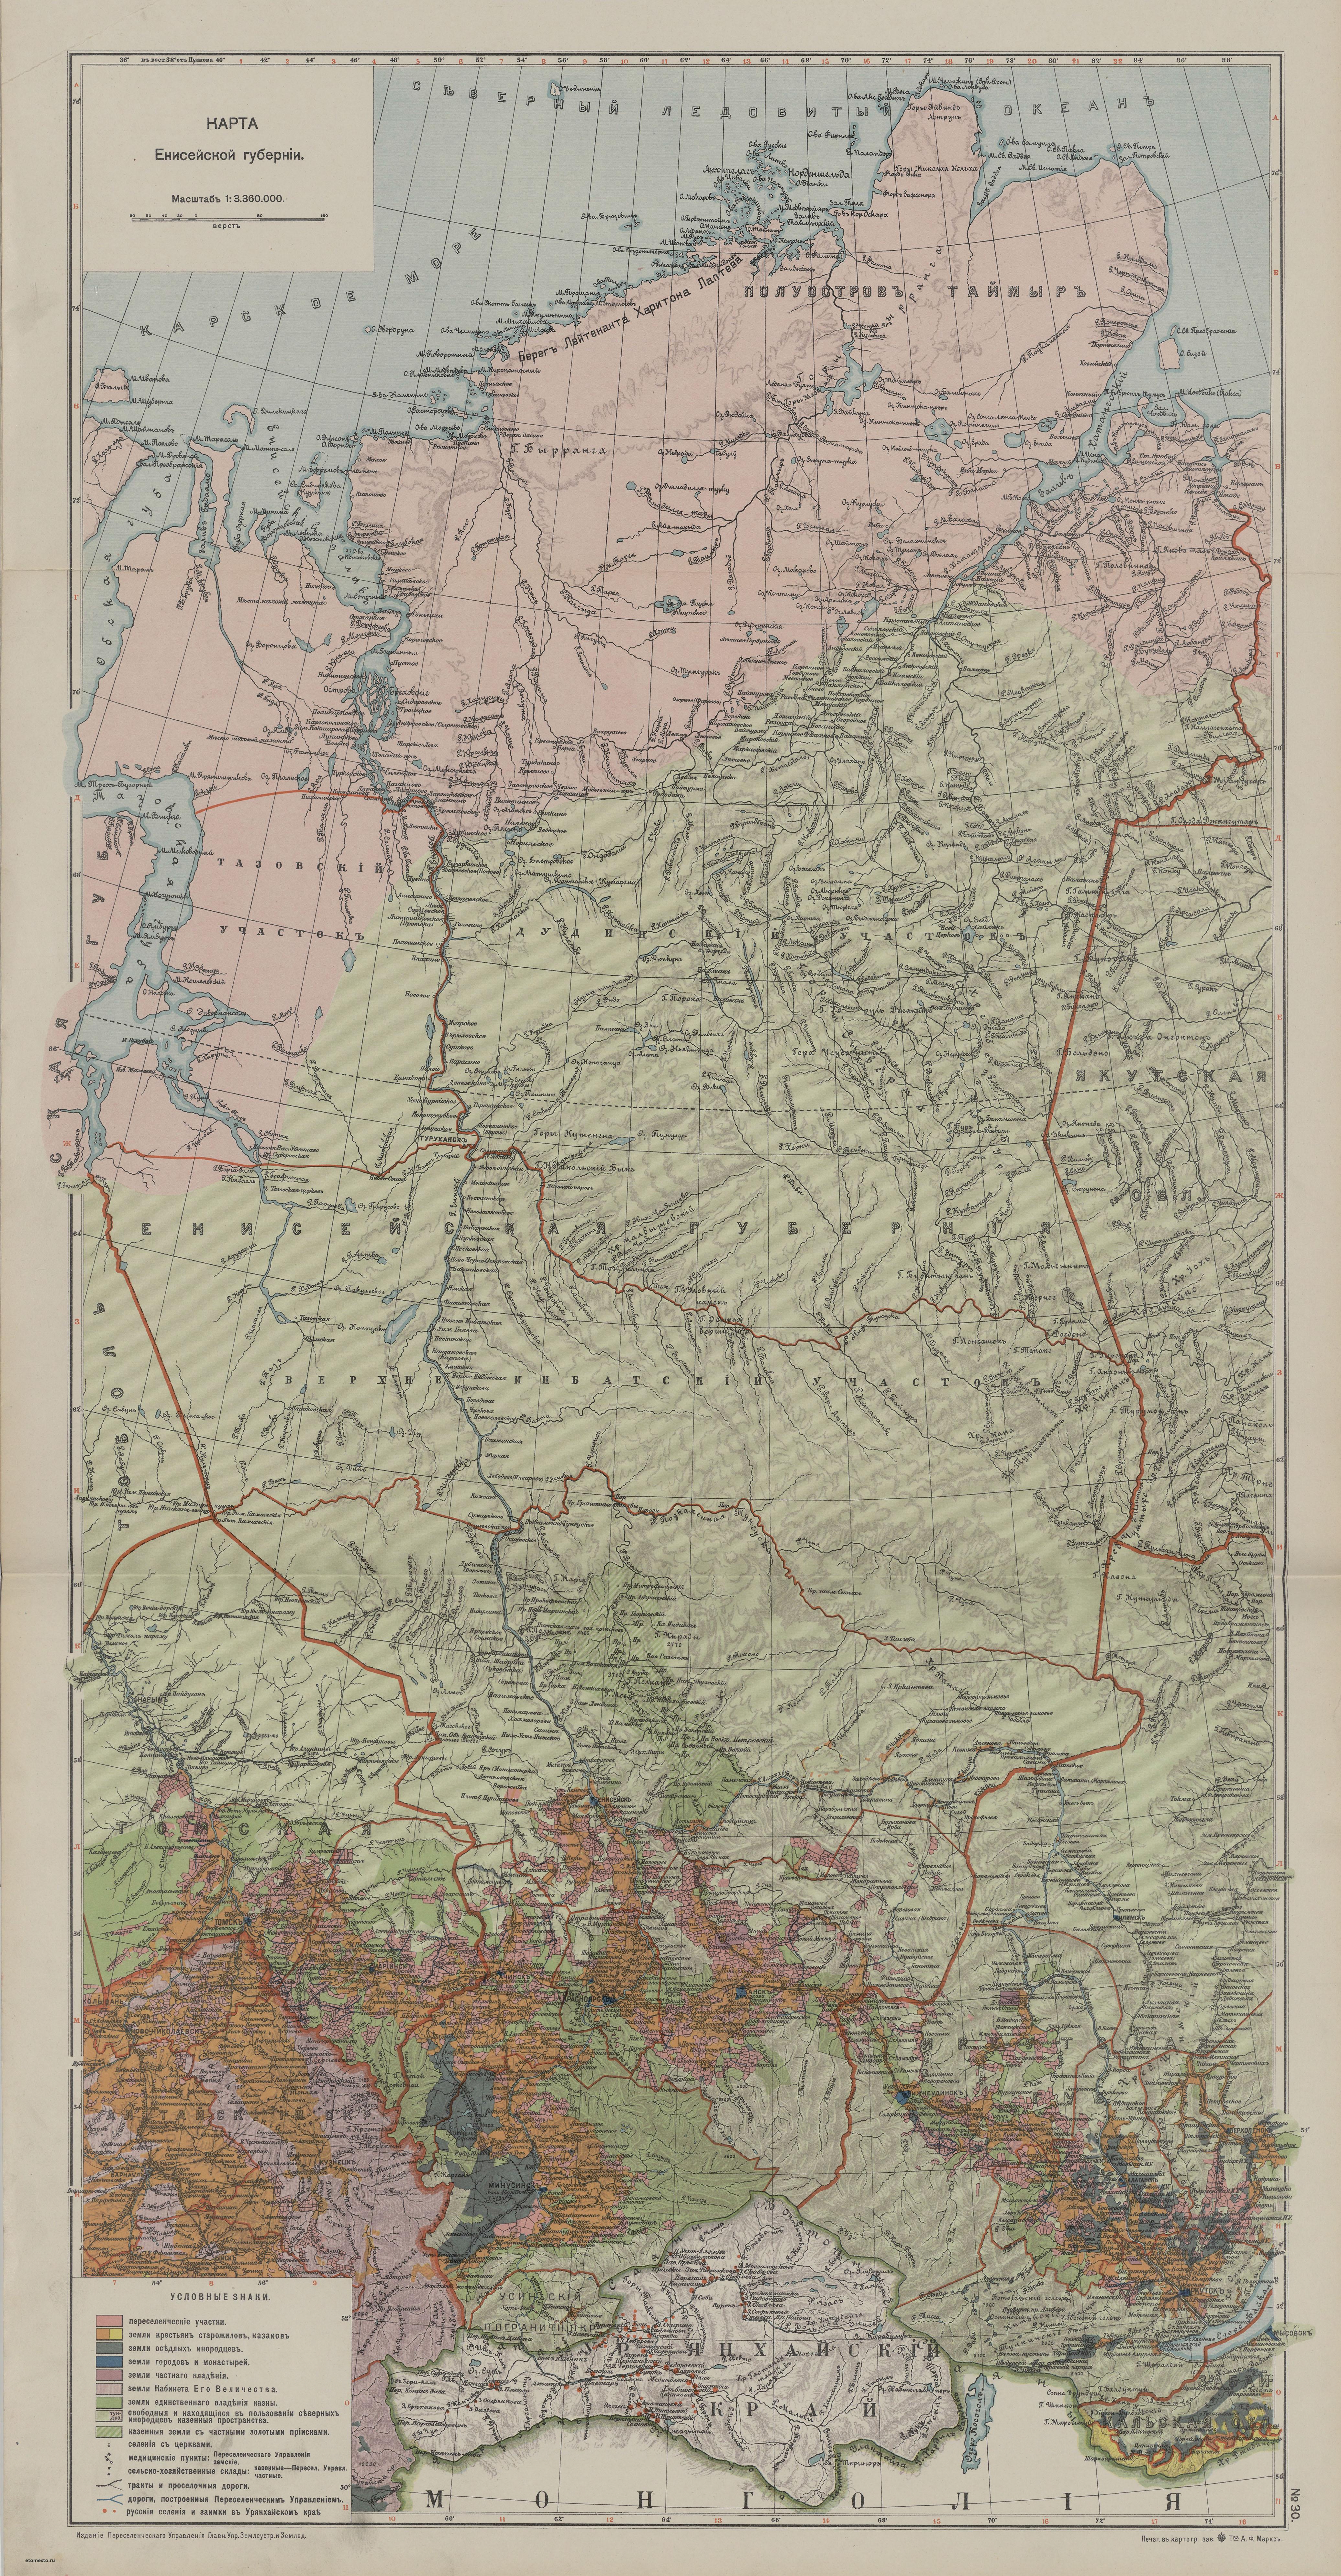 1914 Карта Енисейской губернии 1914.jpg